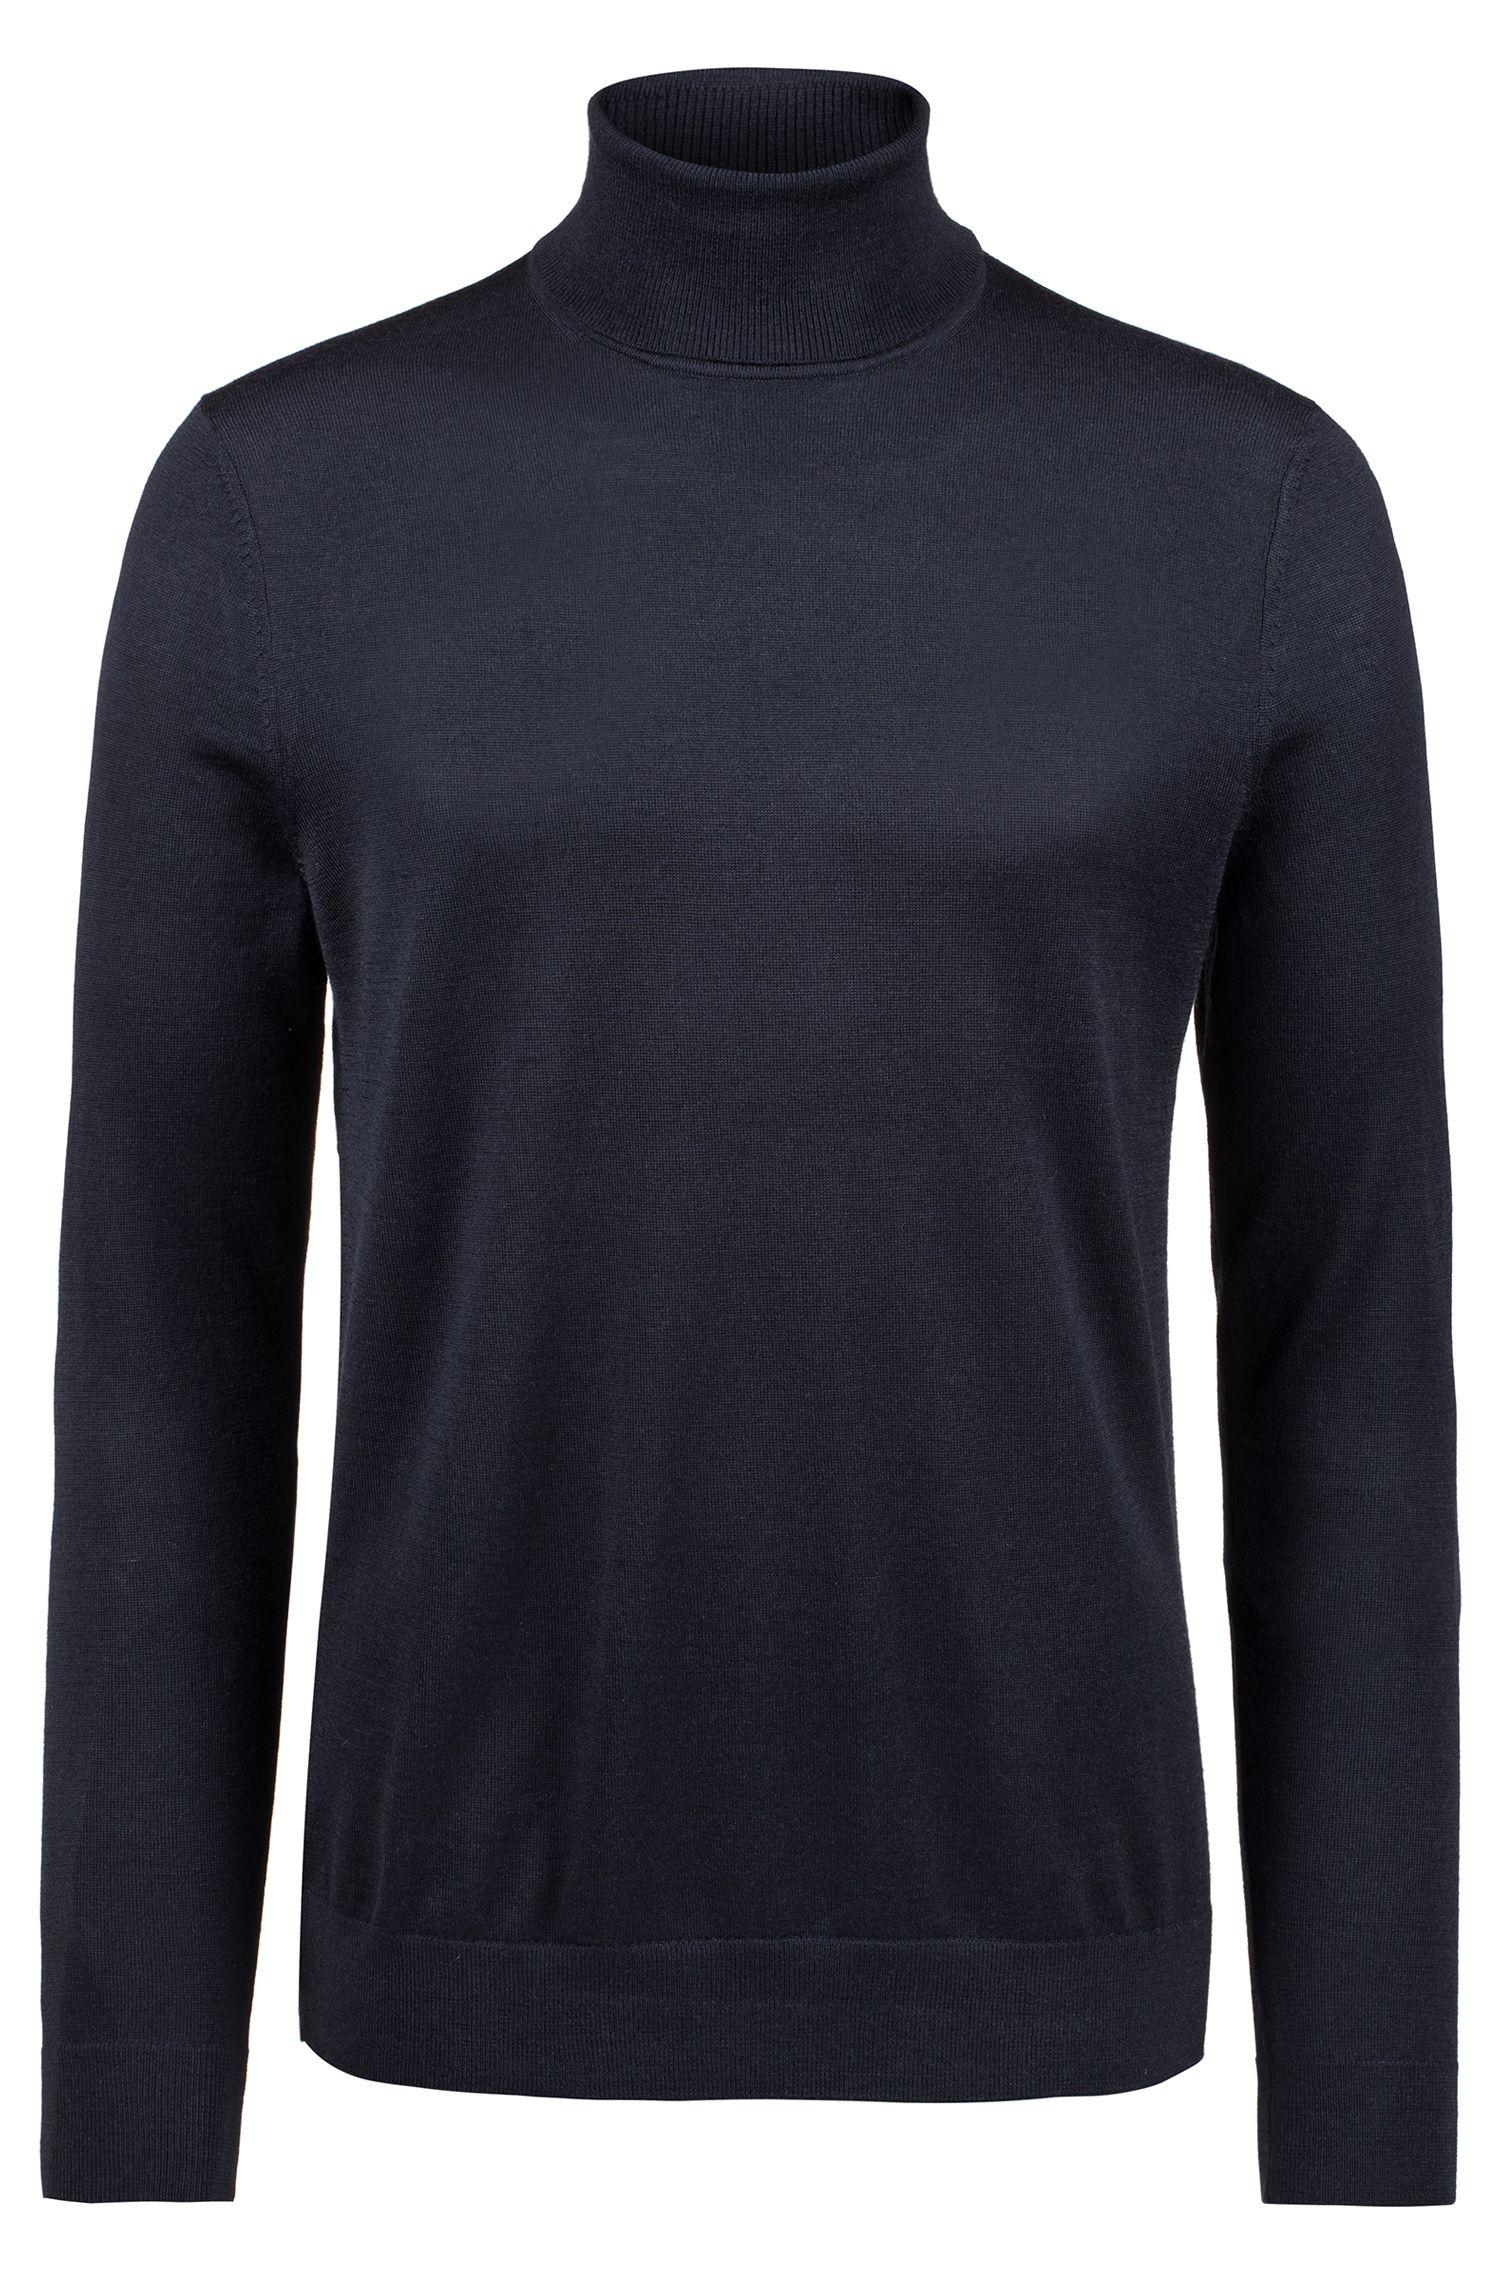 Turtle-neck sweater in a Merino wool blend